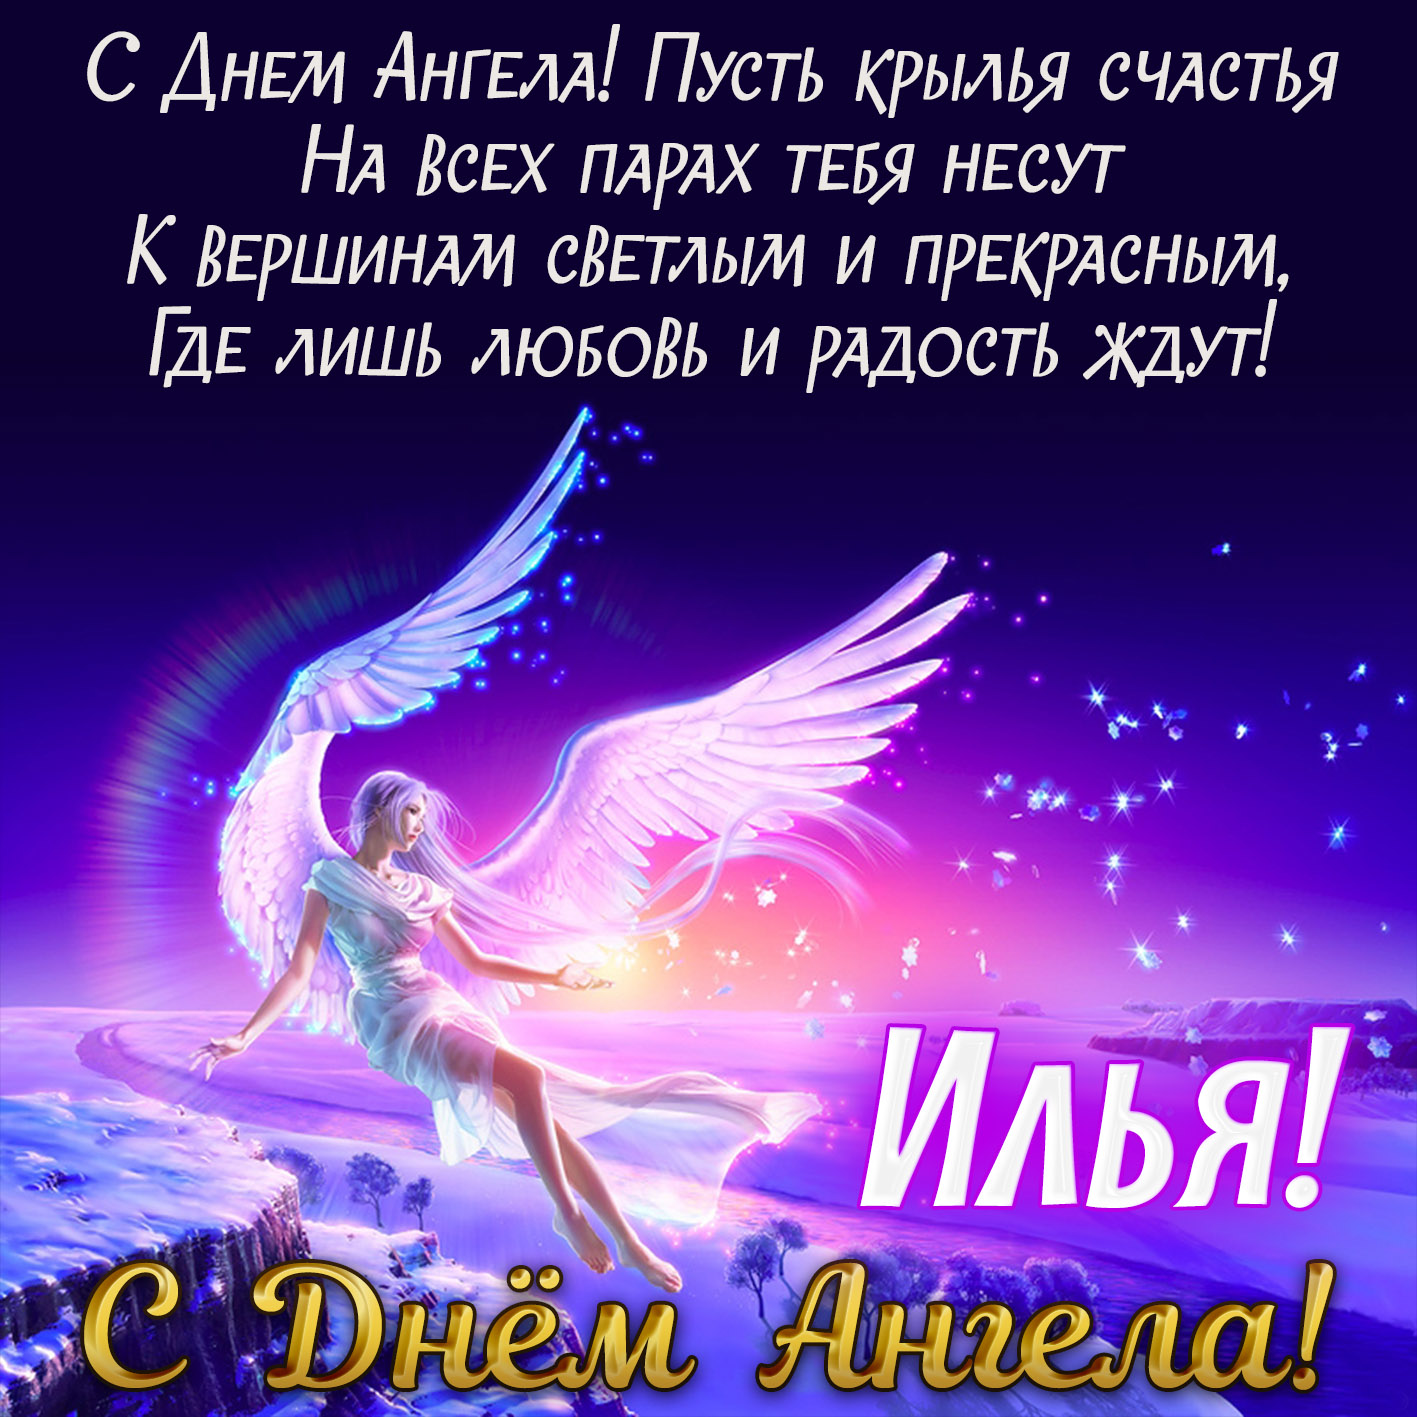 День ангела у владимира картинки